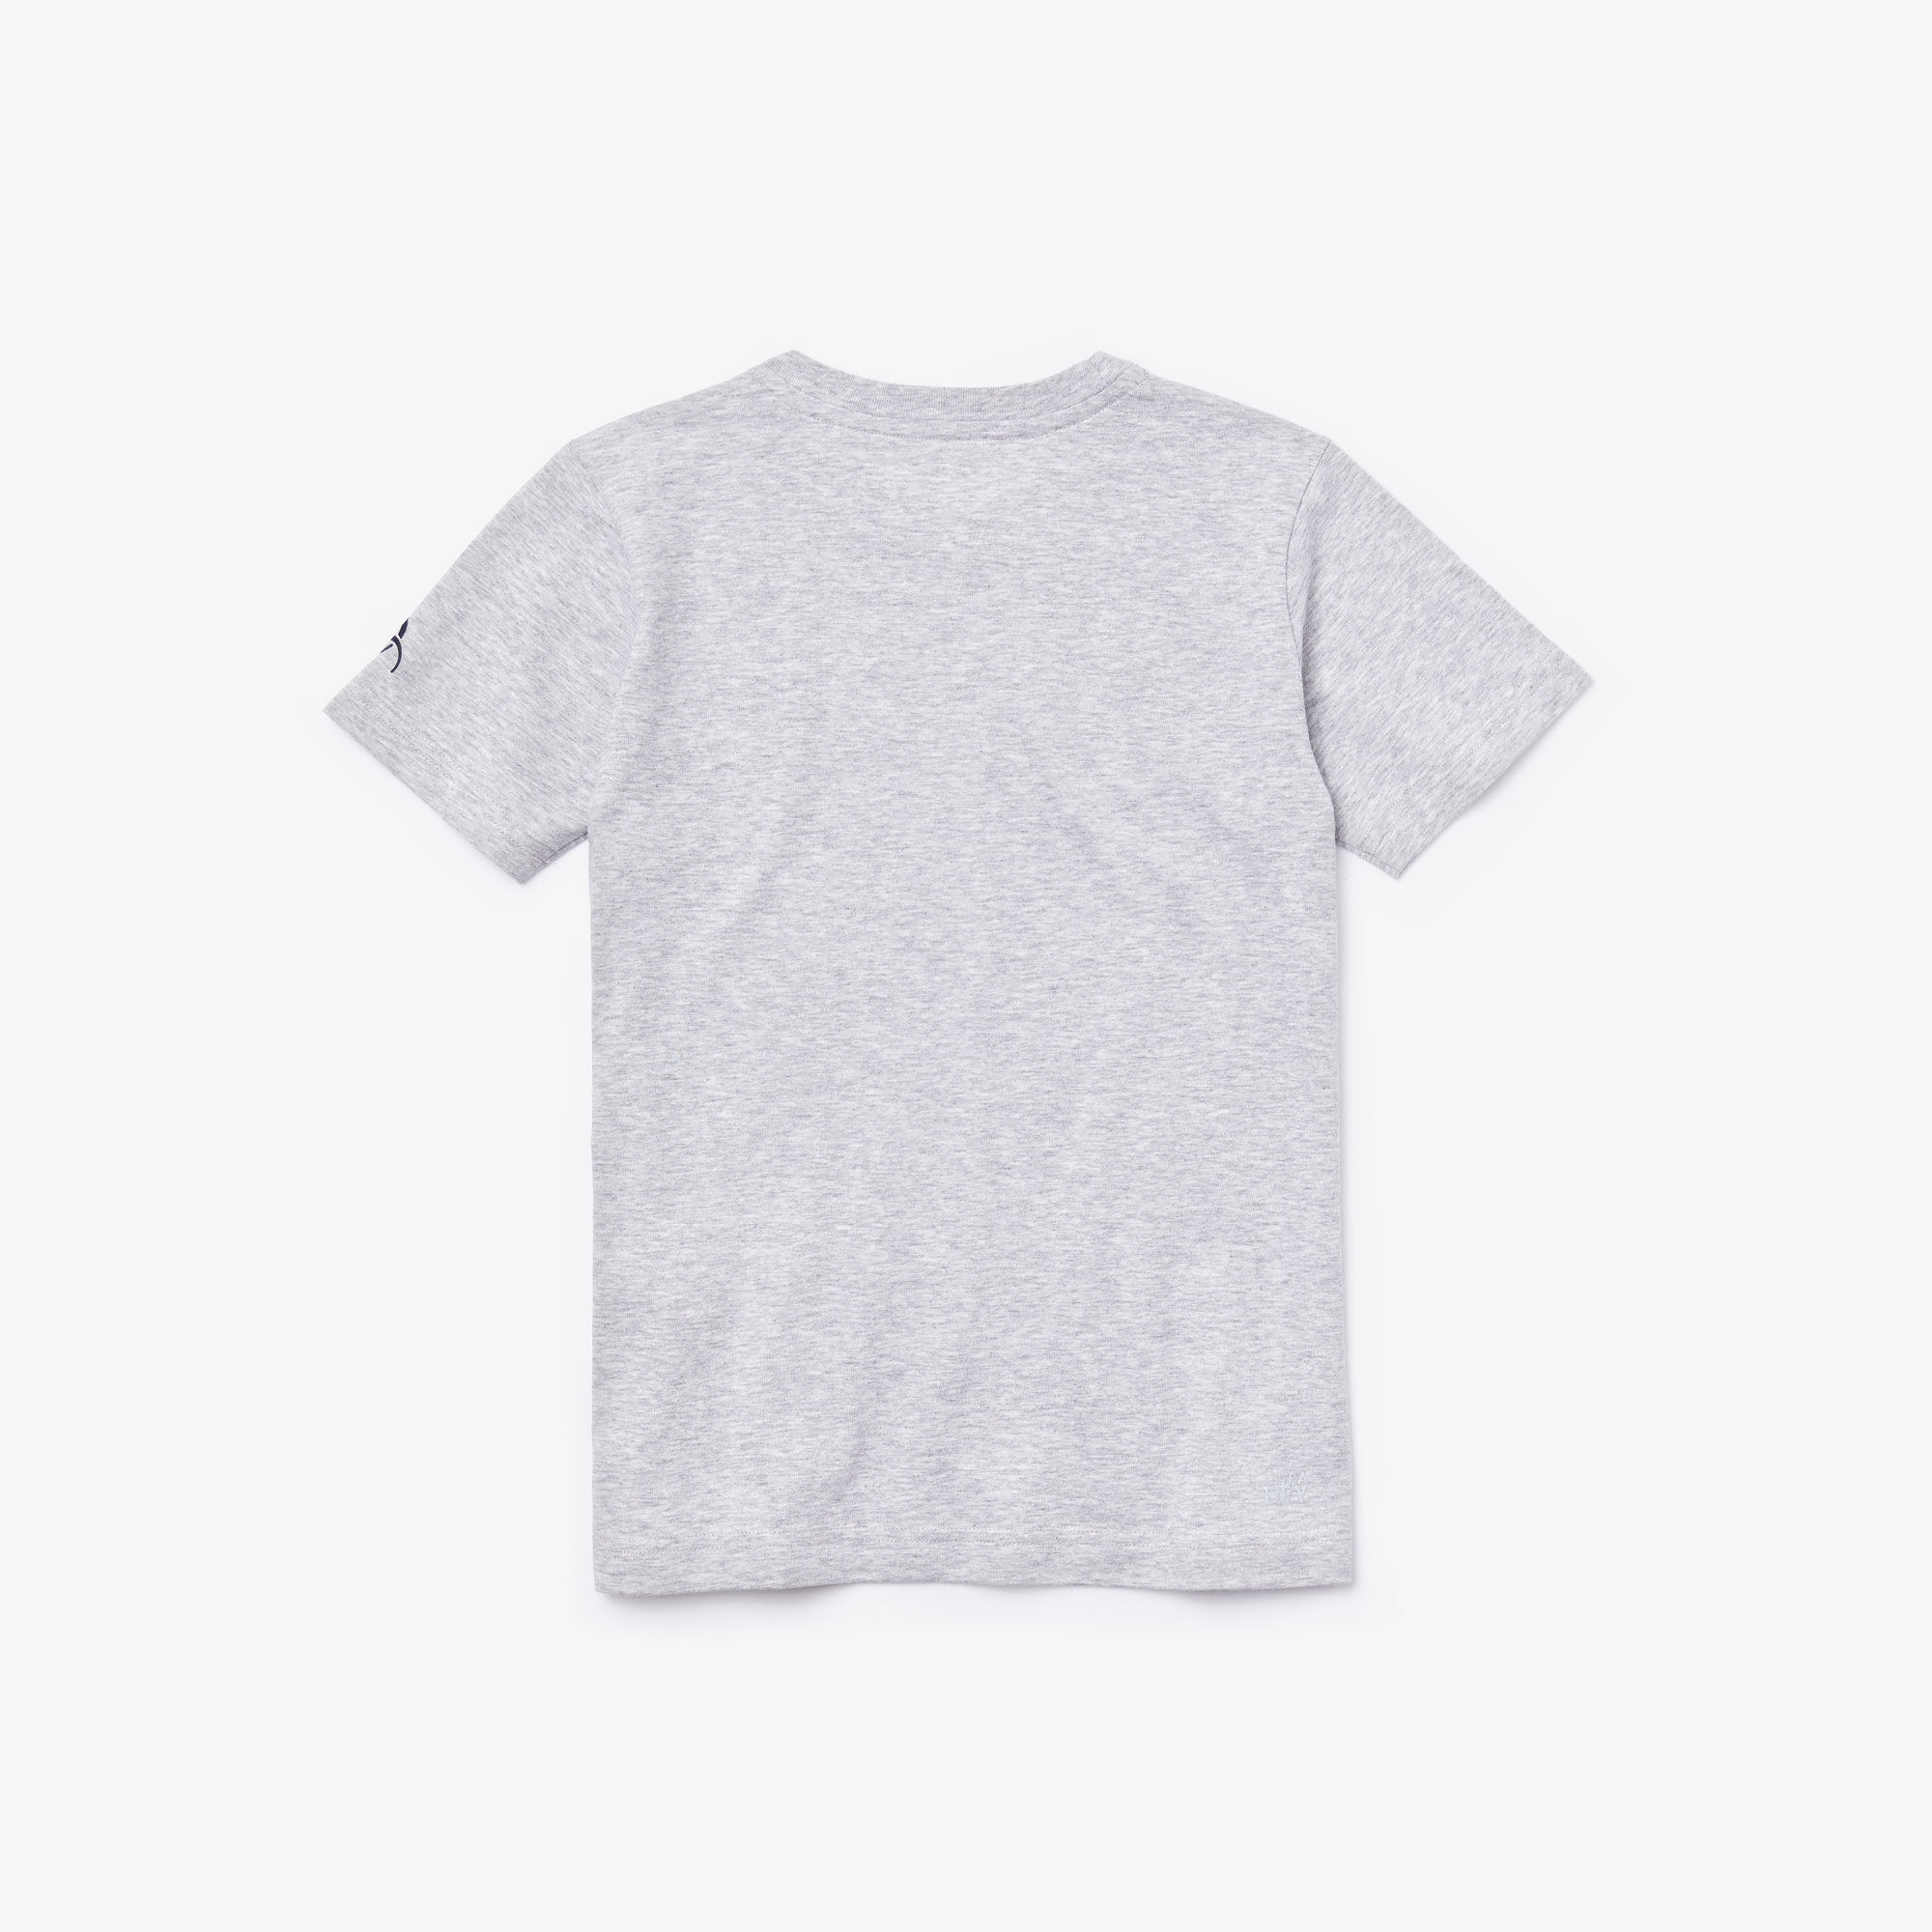 قميص تي شيرت للصبية بطبعة التمساح من مجموعة Lacoste SPORT x Novak Djokovic